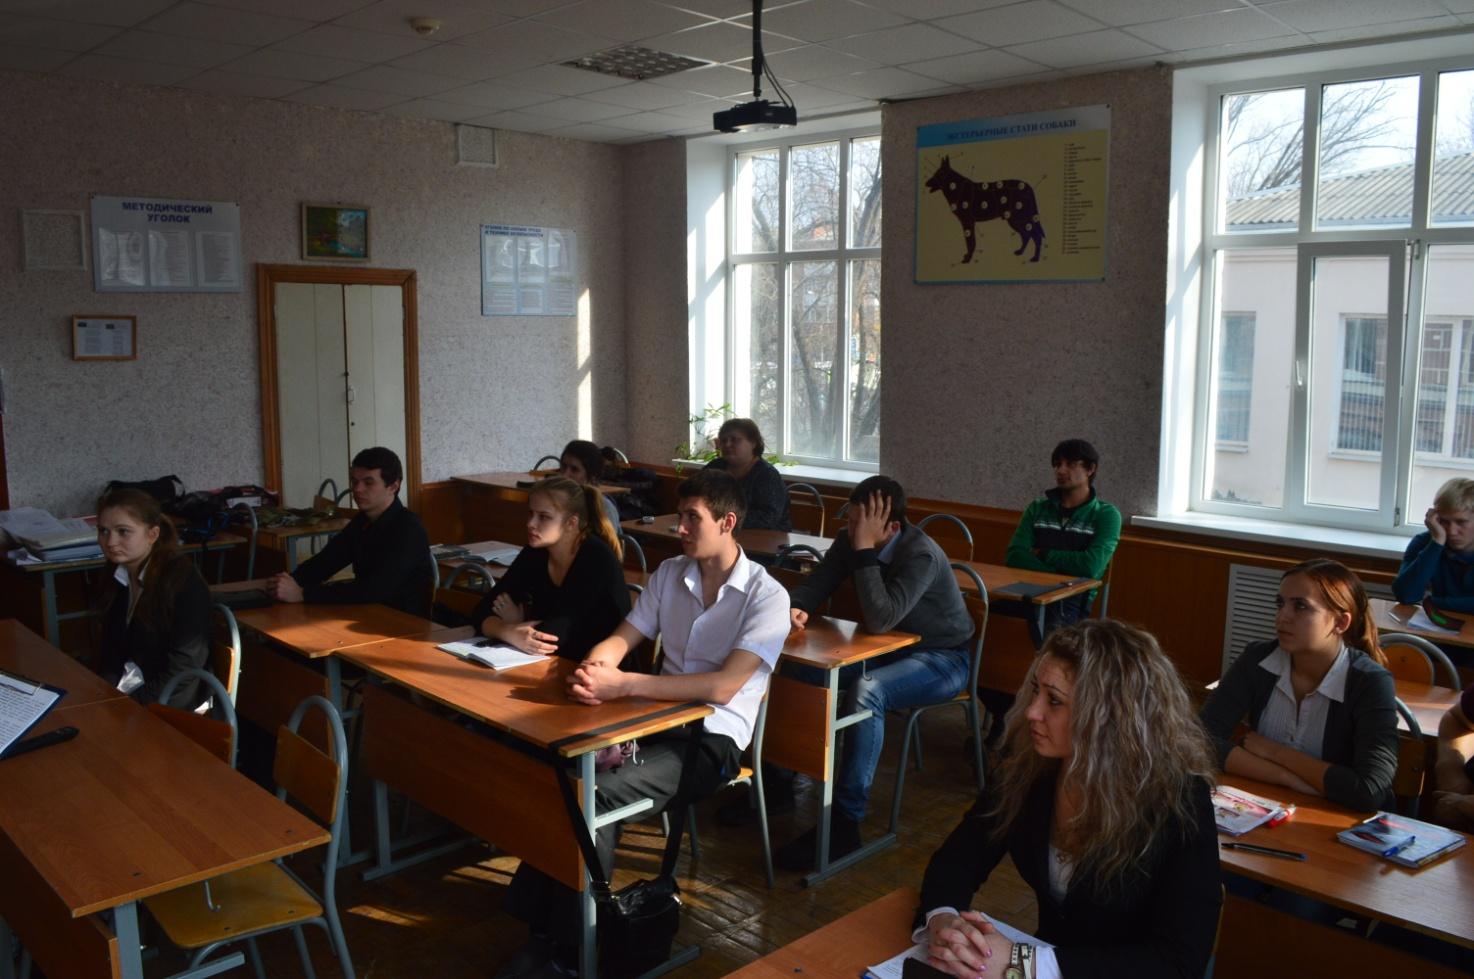 C:\Users\Пользователь\Desktop\конный мир\классный час фотографии мир лршадей\DSC_4086.JPG